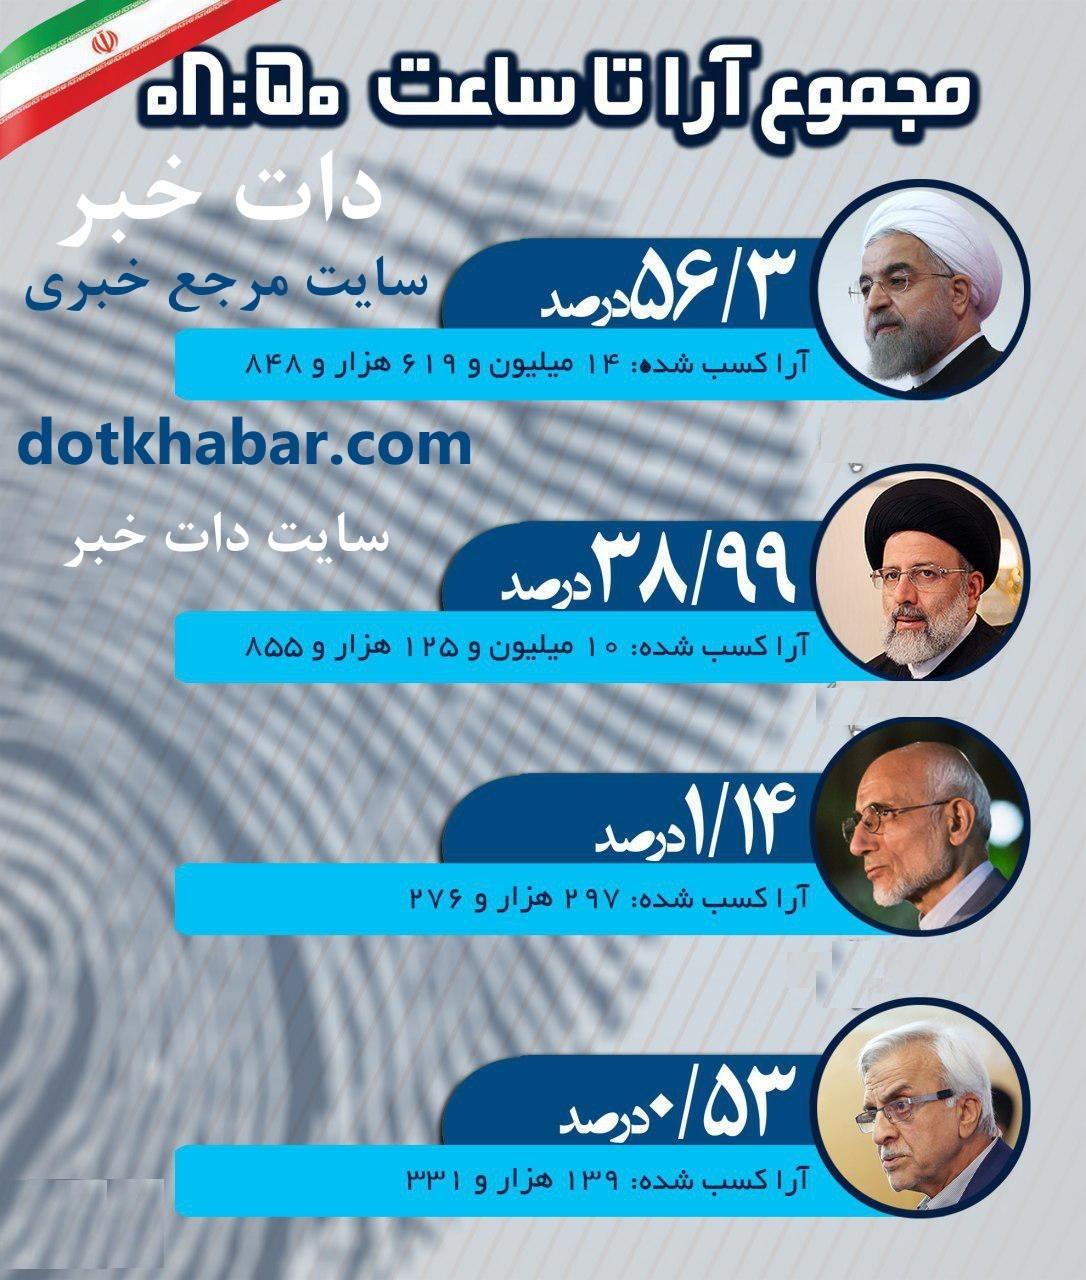 نتایج انتخابات ریاست جمهوری 96 ایران  , آخرین اخبار از نتایج انتخابات ریاست جمهوری 96  نتیجه شمارش آرای انتخابات ریاست جمهوری 96